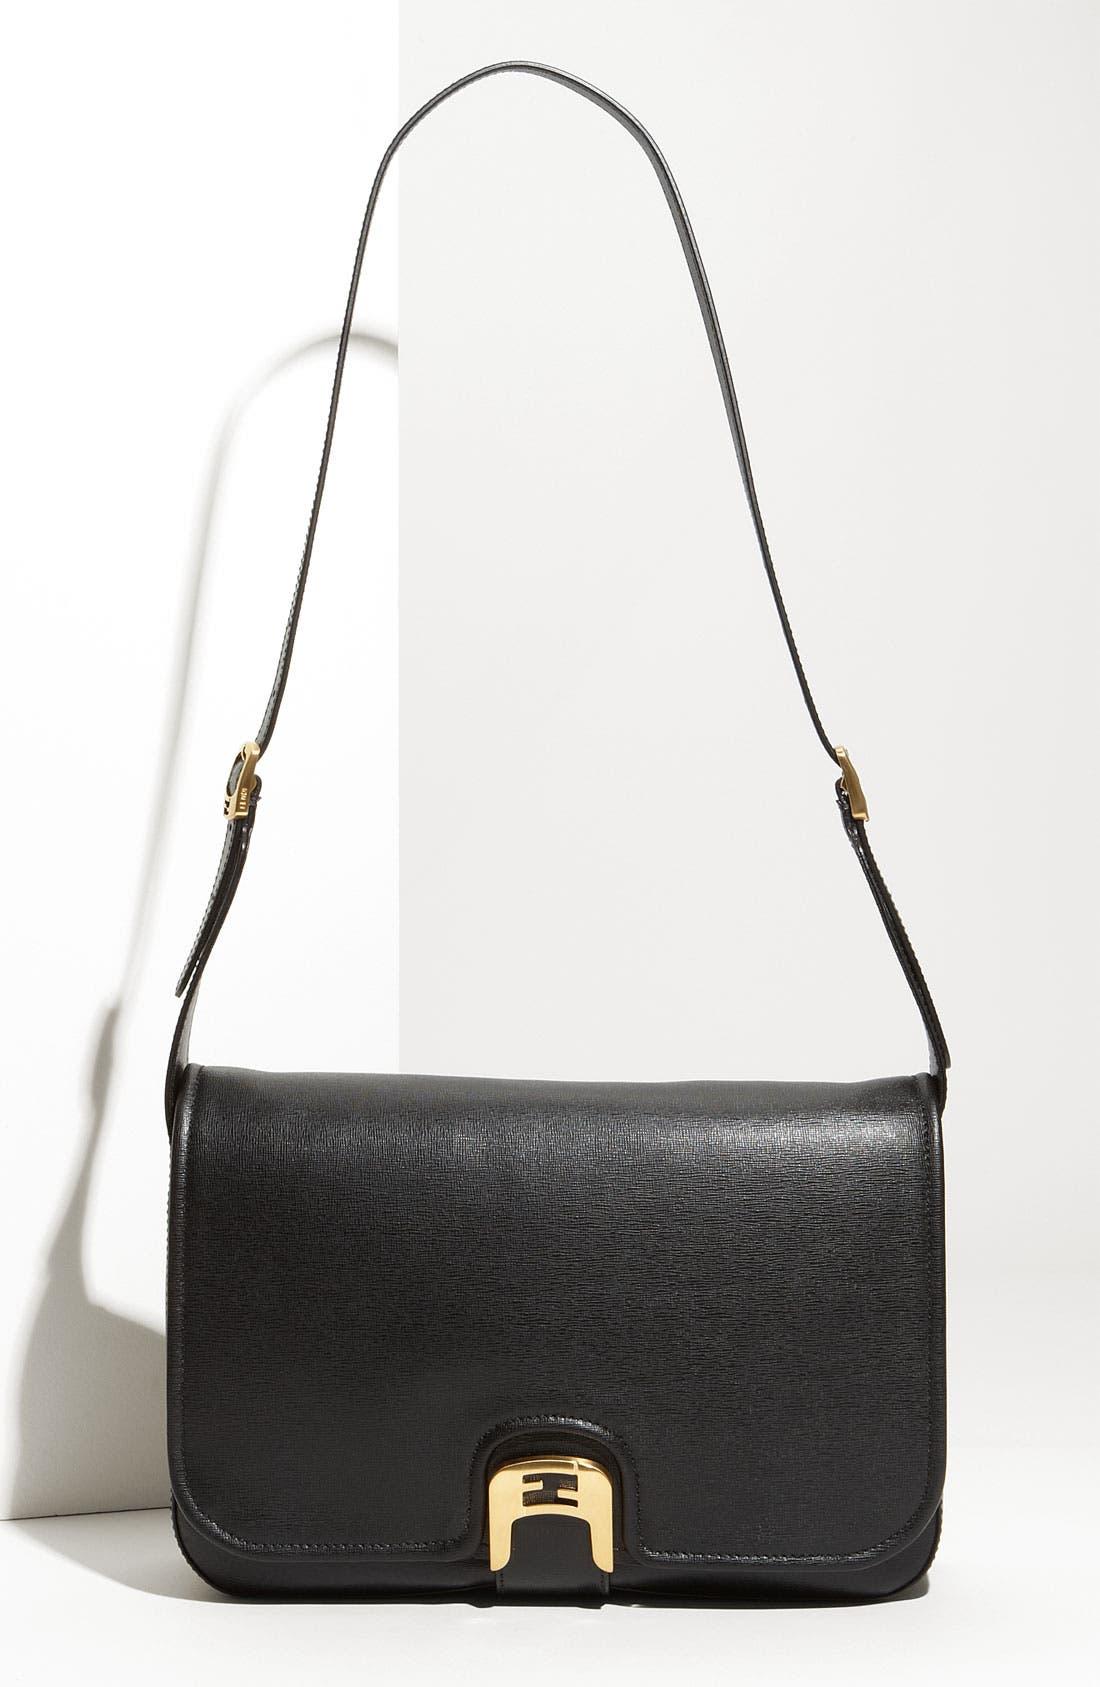 Main Image - Fendi 'Chameleon' Leather Shoulder Bag